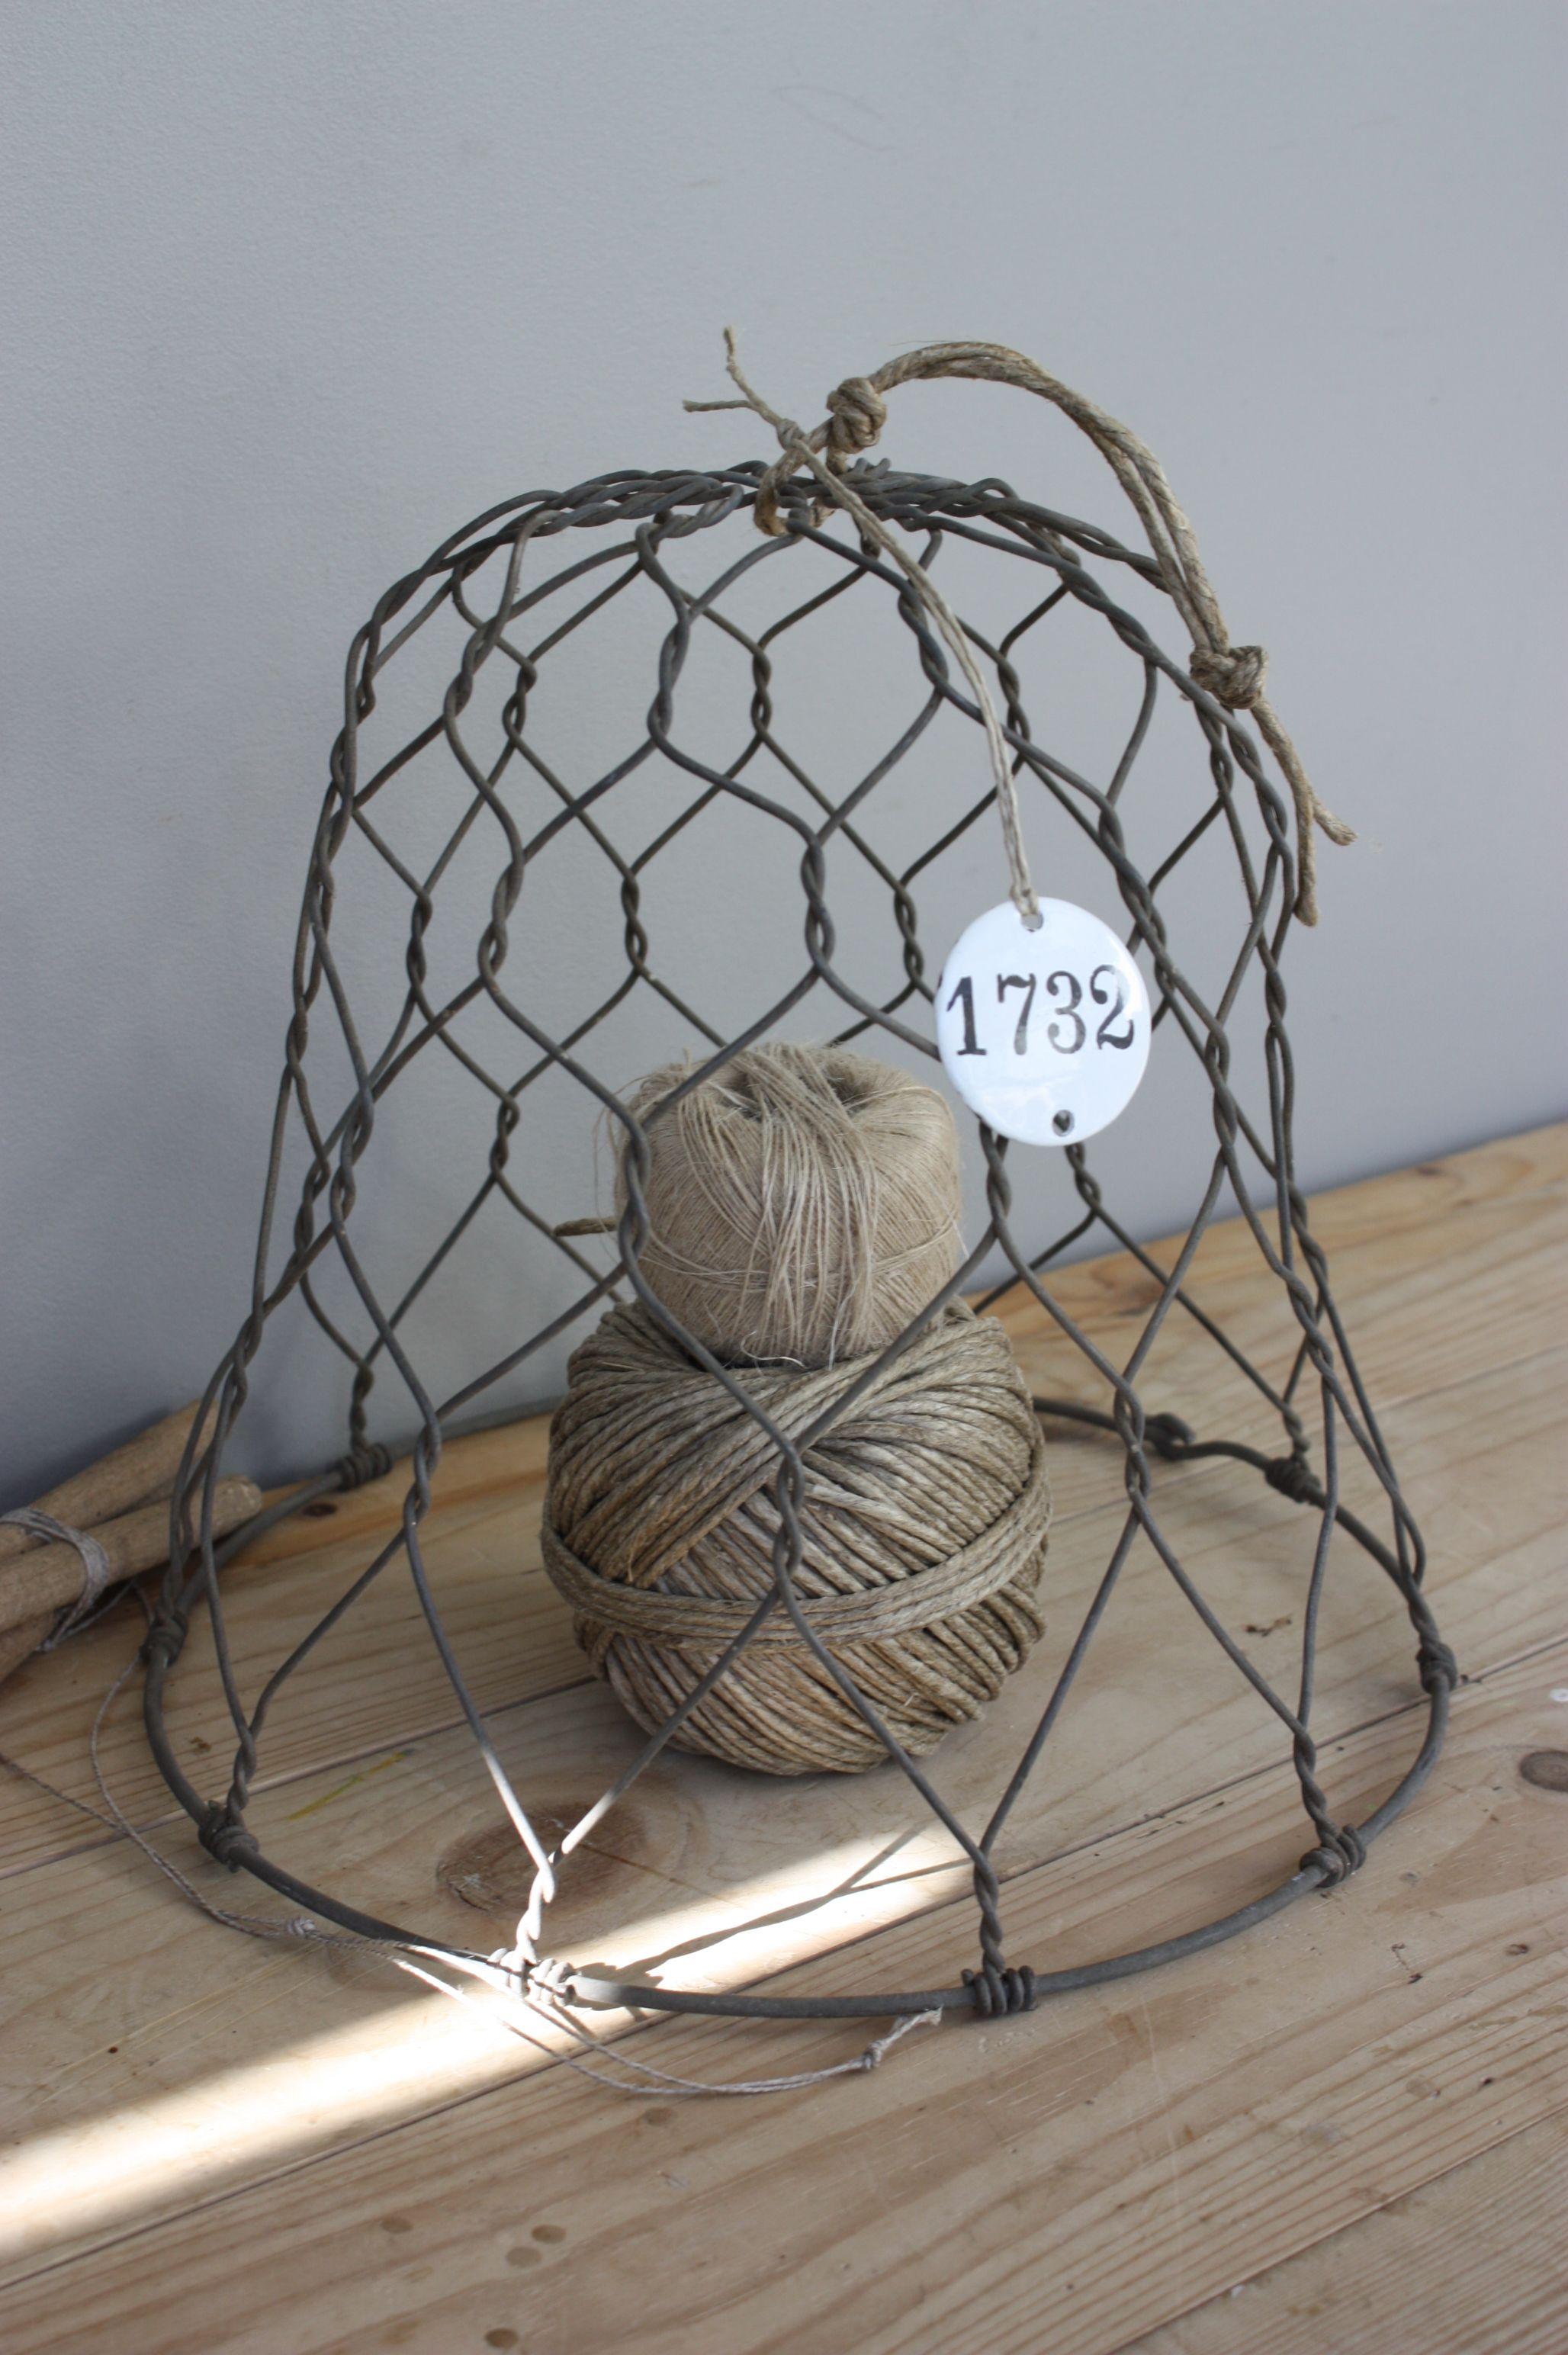 twine under wire cloche | cloche | Pinterest | Twine, Chicken wire ...